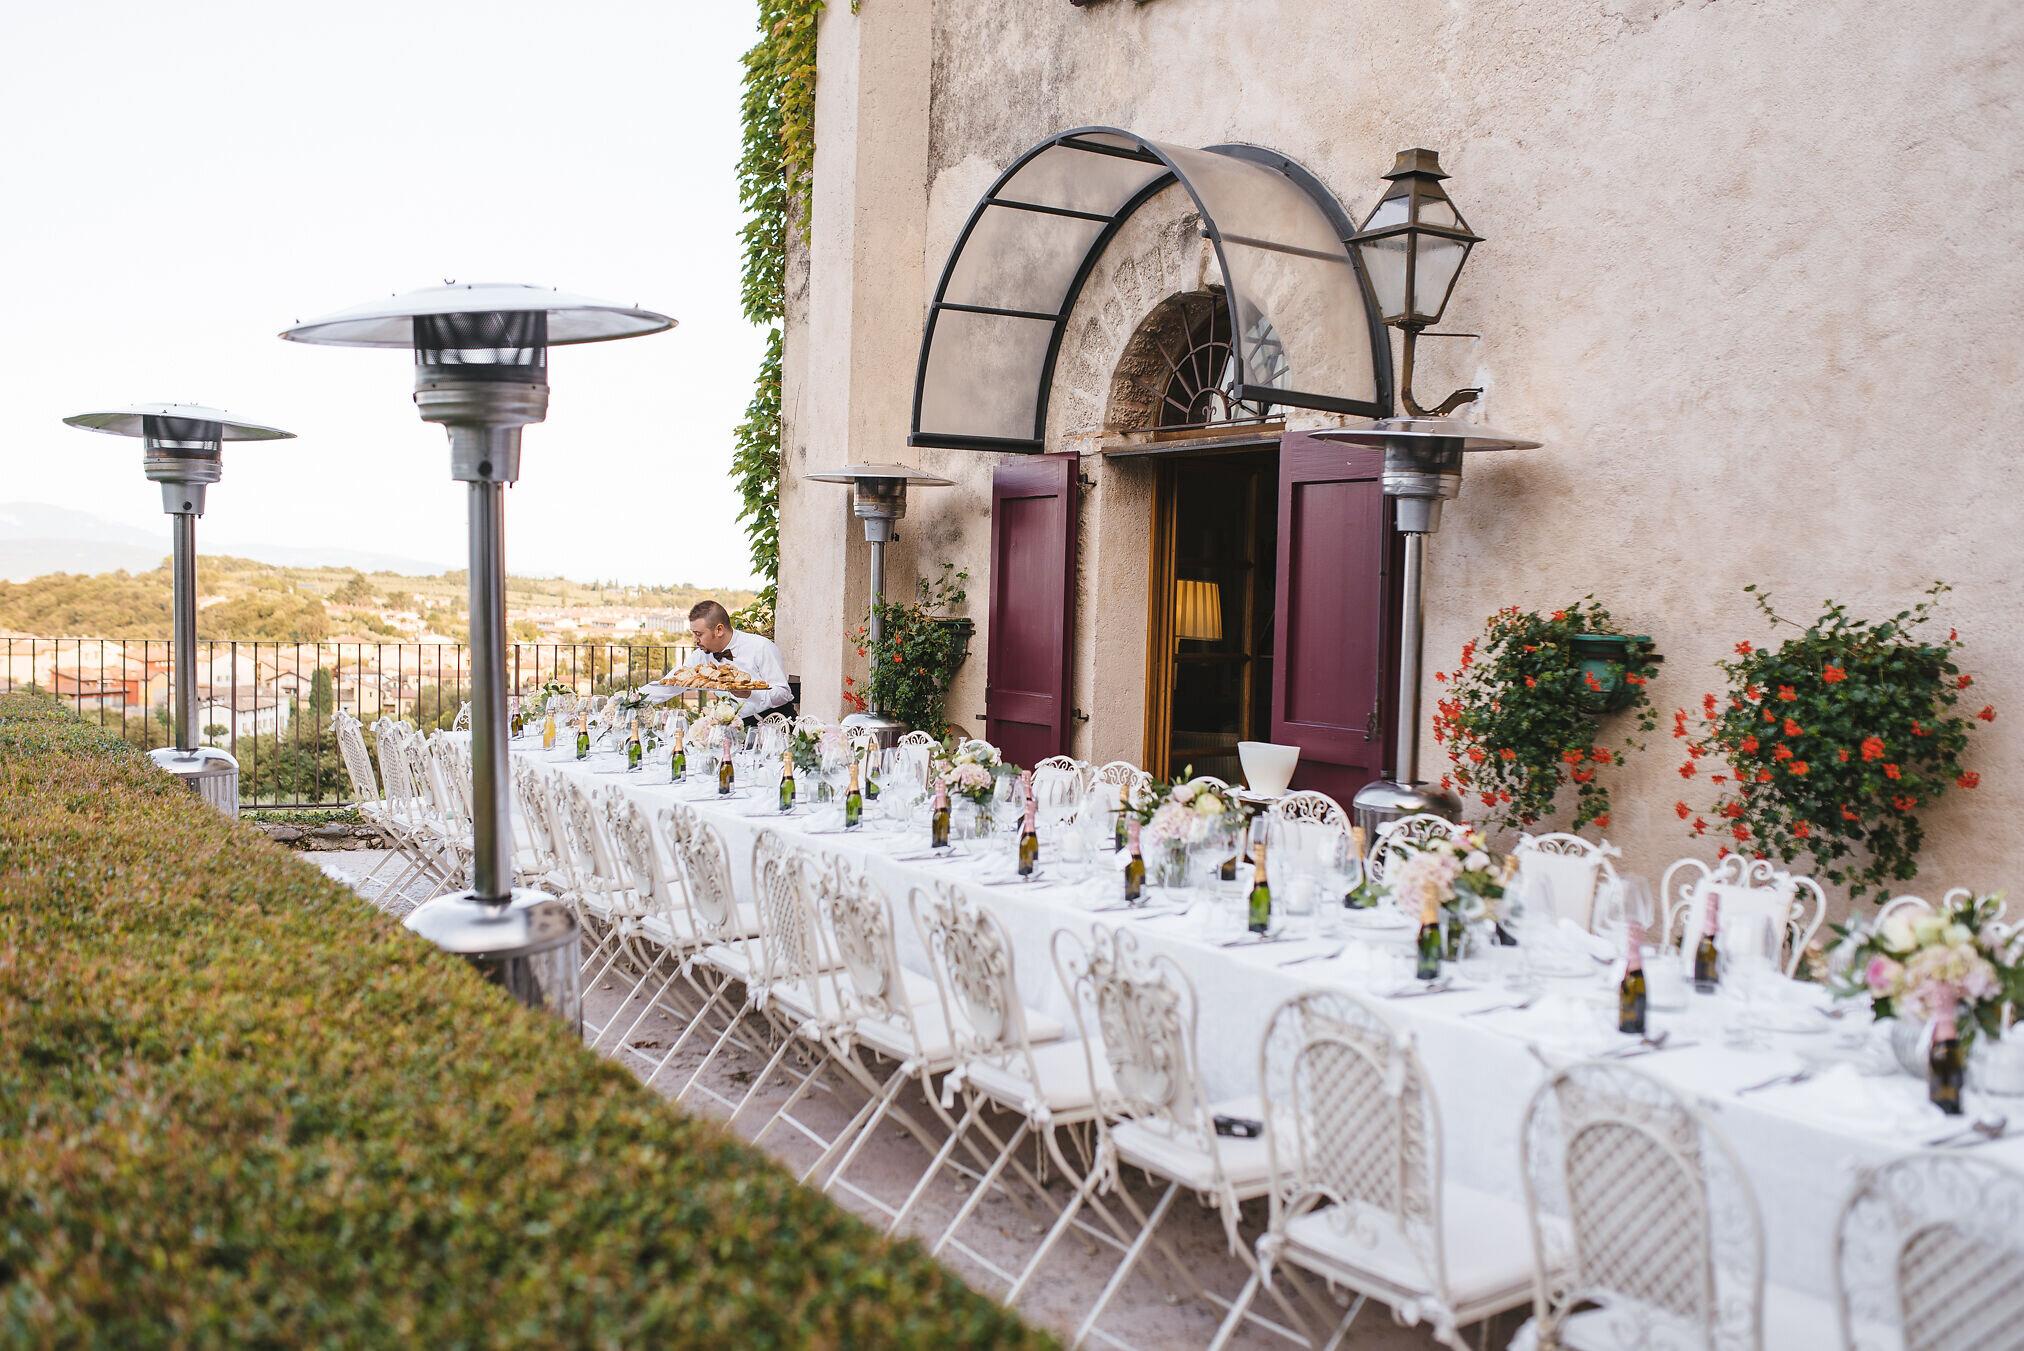 Wedding-Lake-Garda-Villa-Arcadio-46.jpg